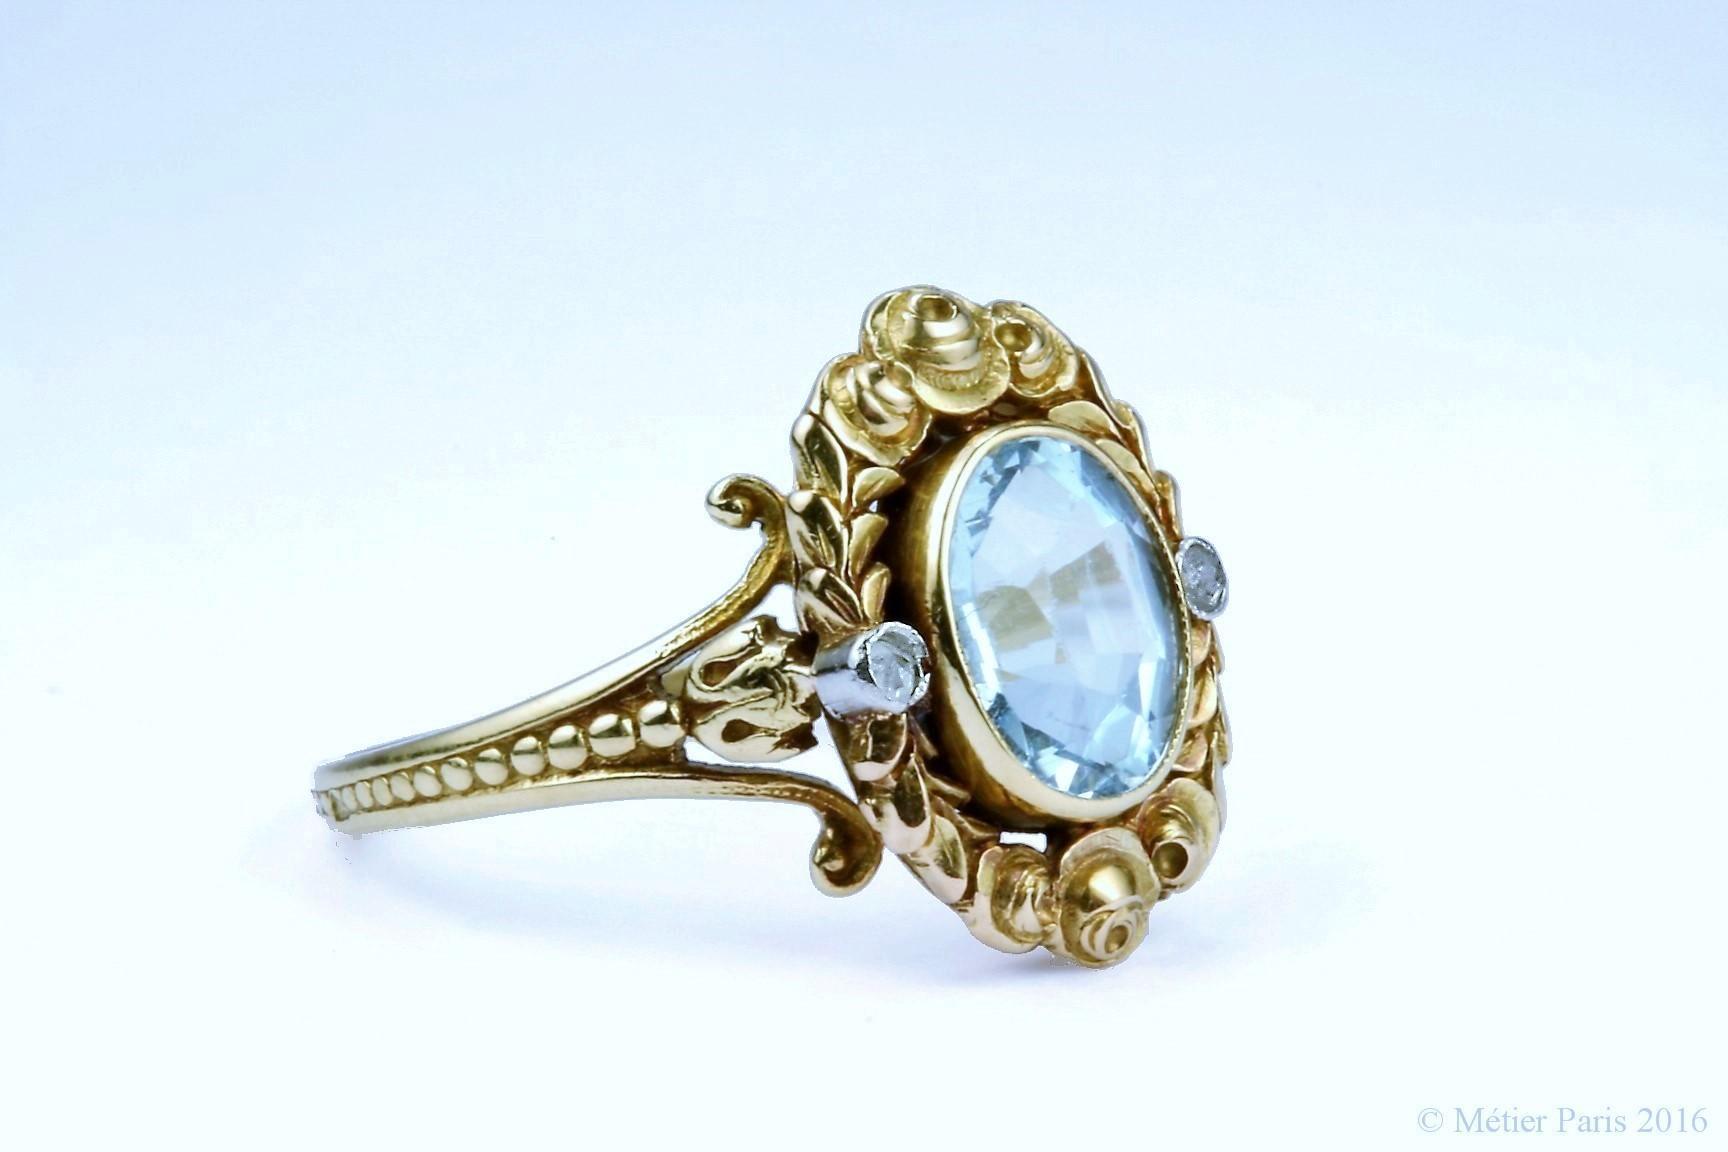 Fine Antique Belle Epoque Aquamarine Ring, France 1880 -1910